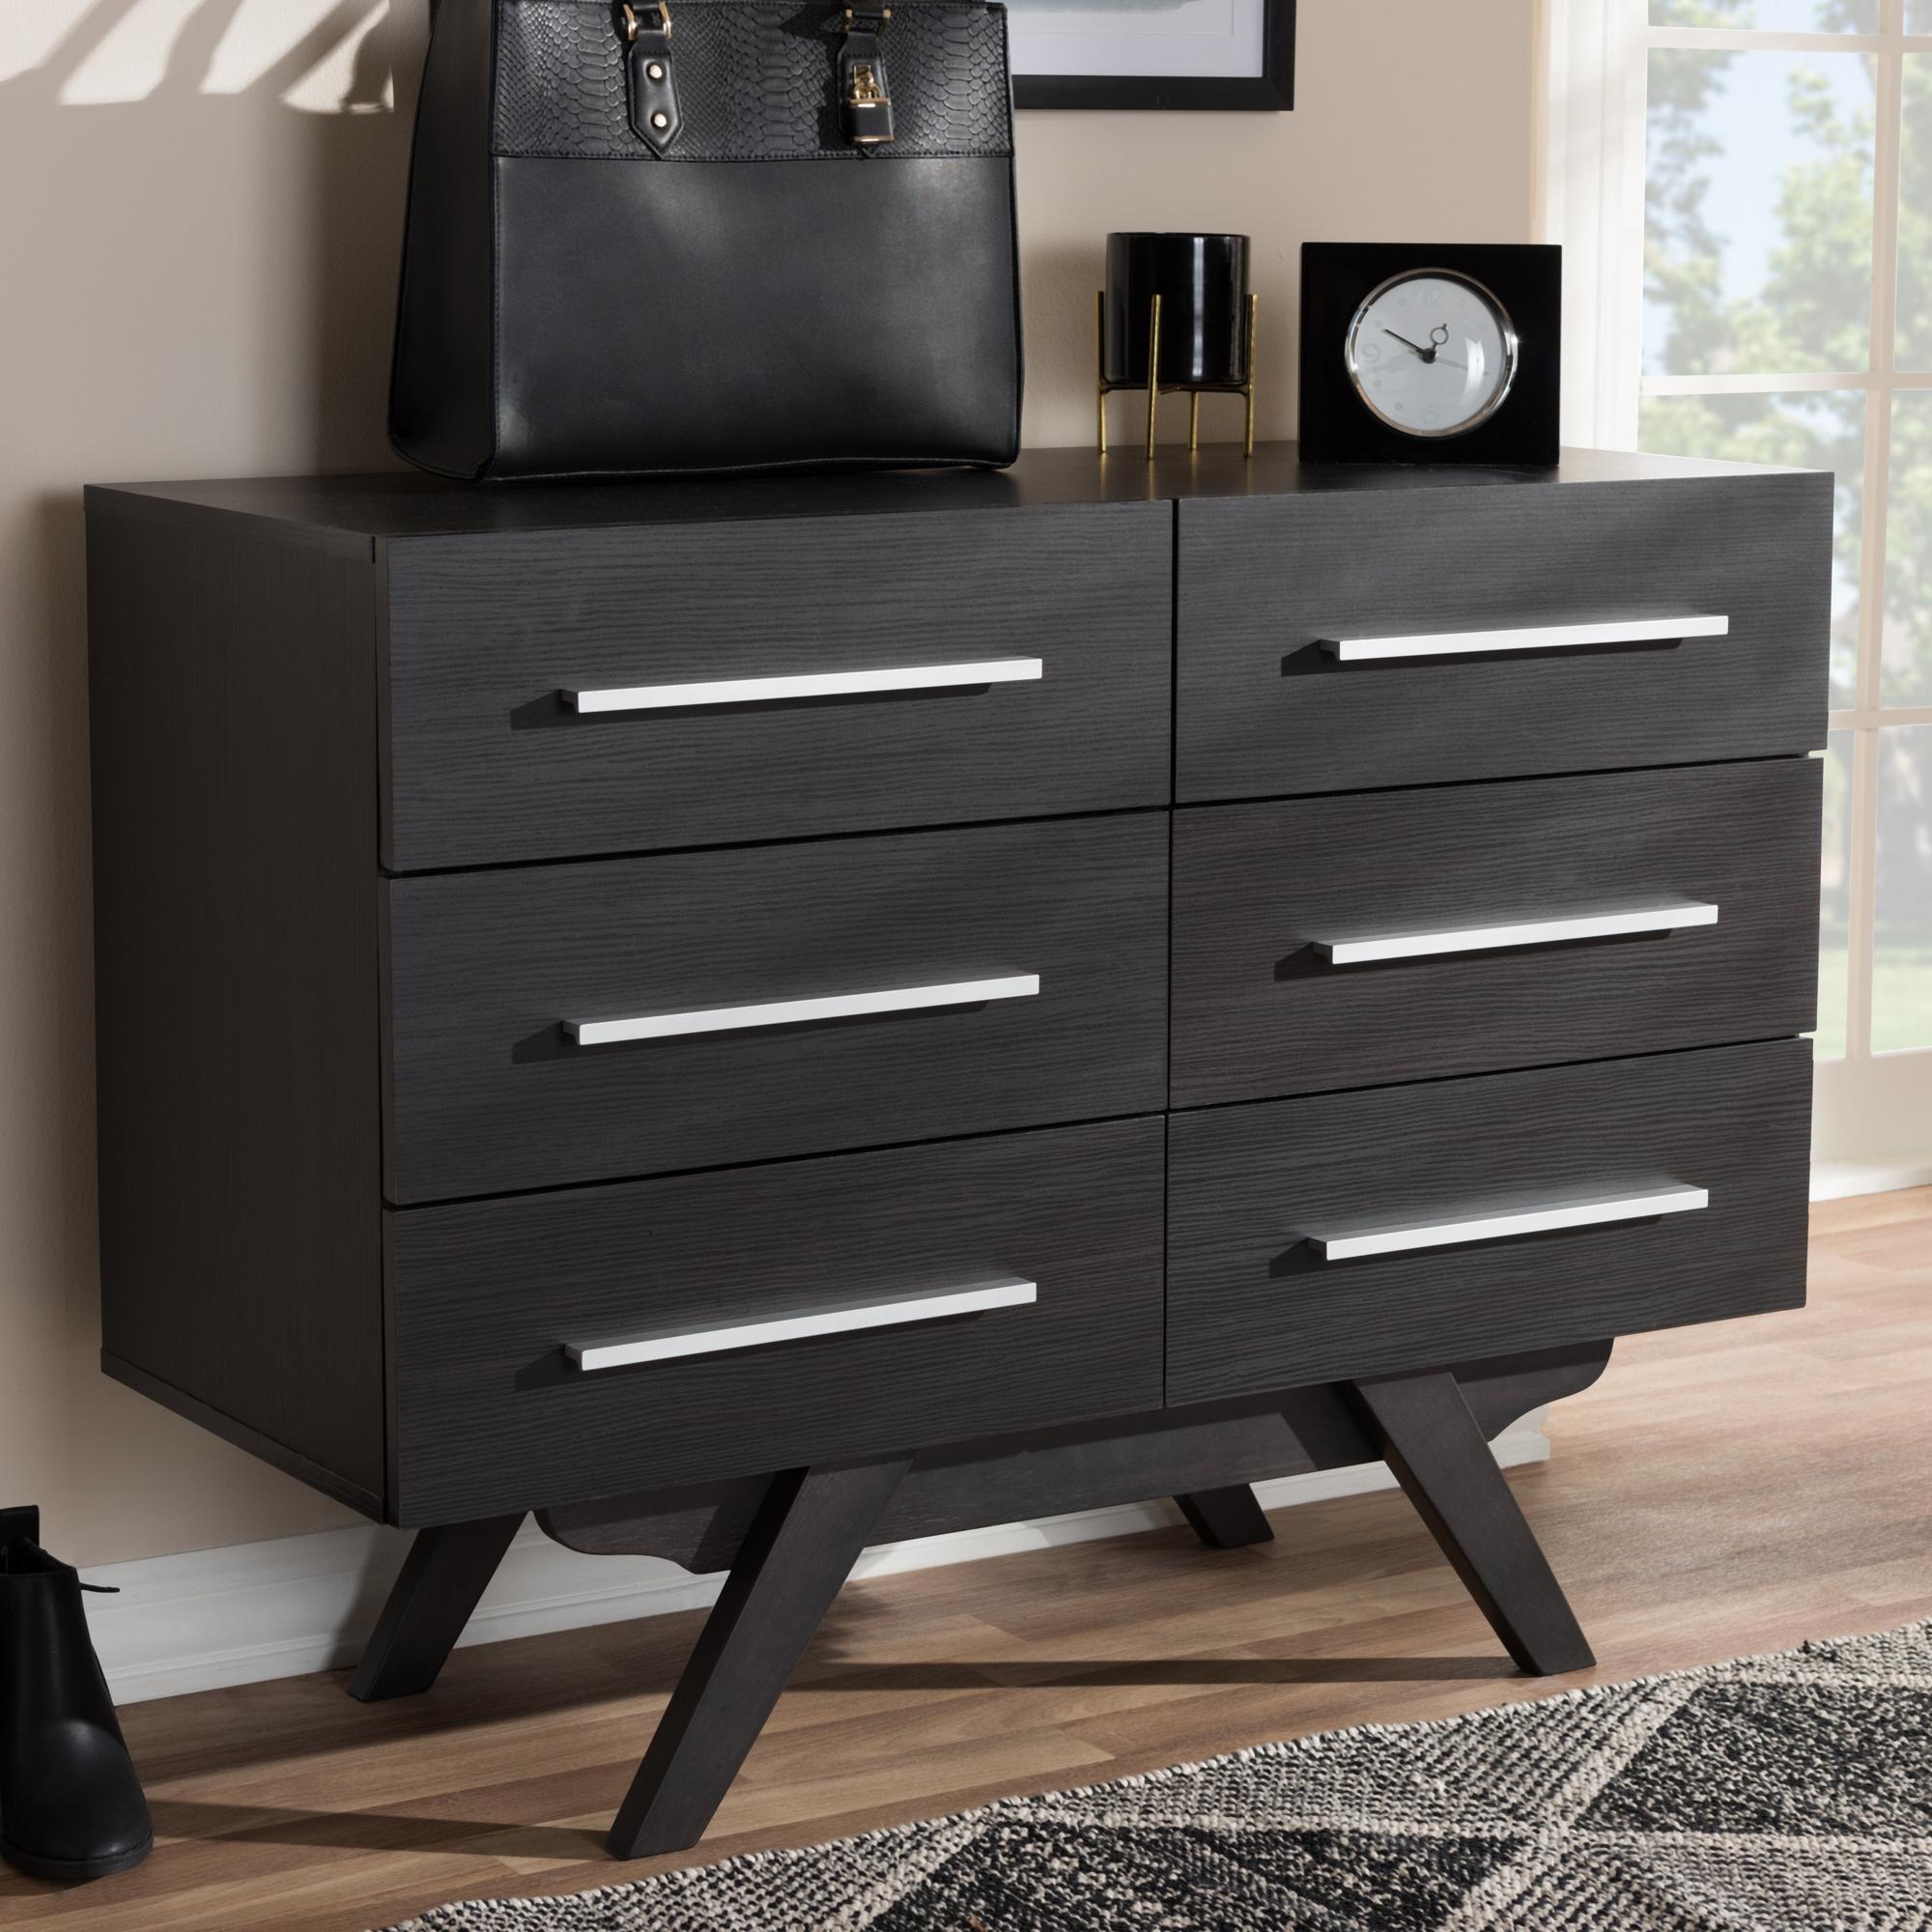 espresso 6 drawer dresser. Baxton Studio Auburn Mid-Century Modern Espresso Brown Finished Wood 6-Drawer Dresser 6 Drawer